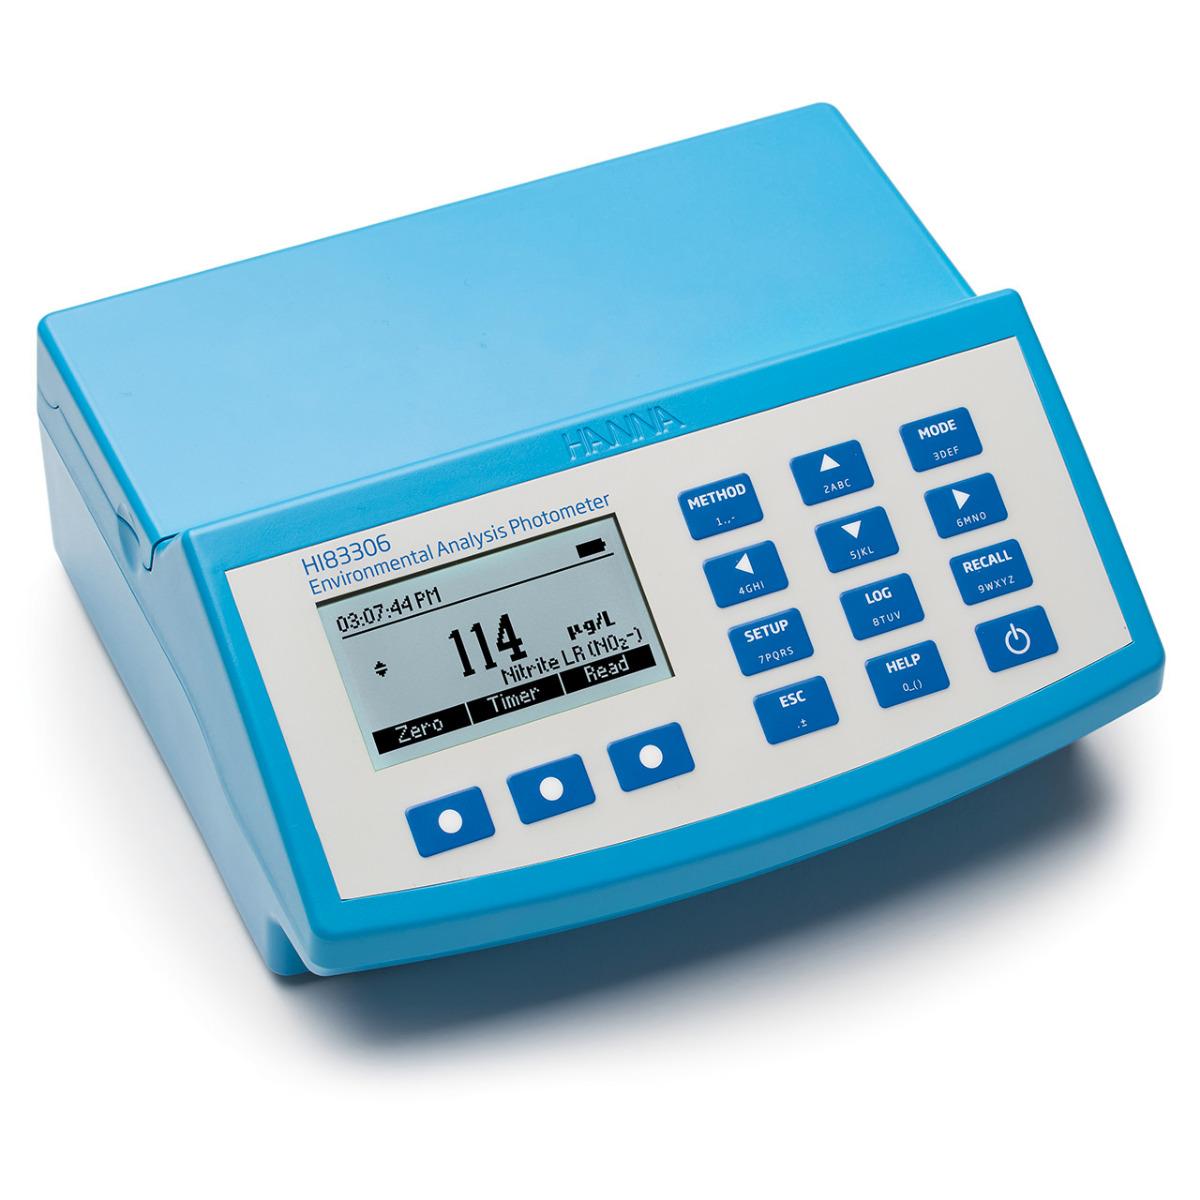 Environmental Analysis Photometer - HI83306